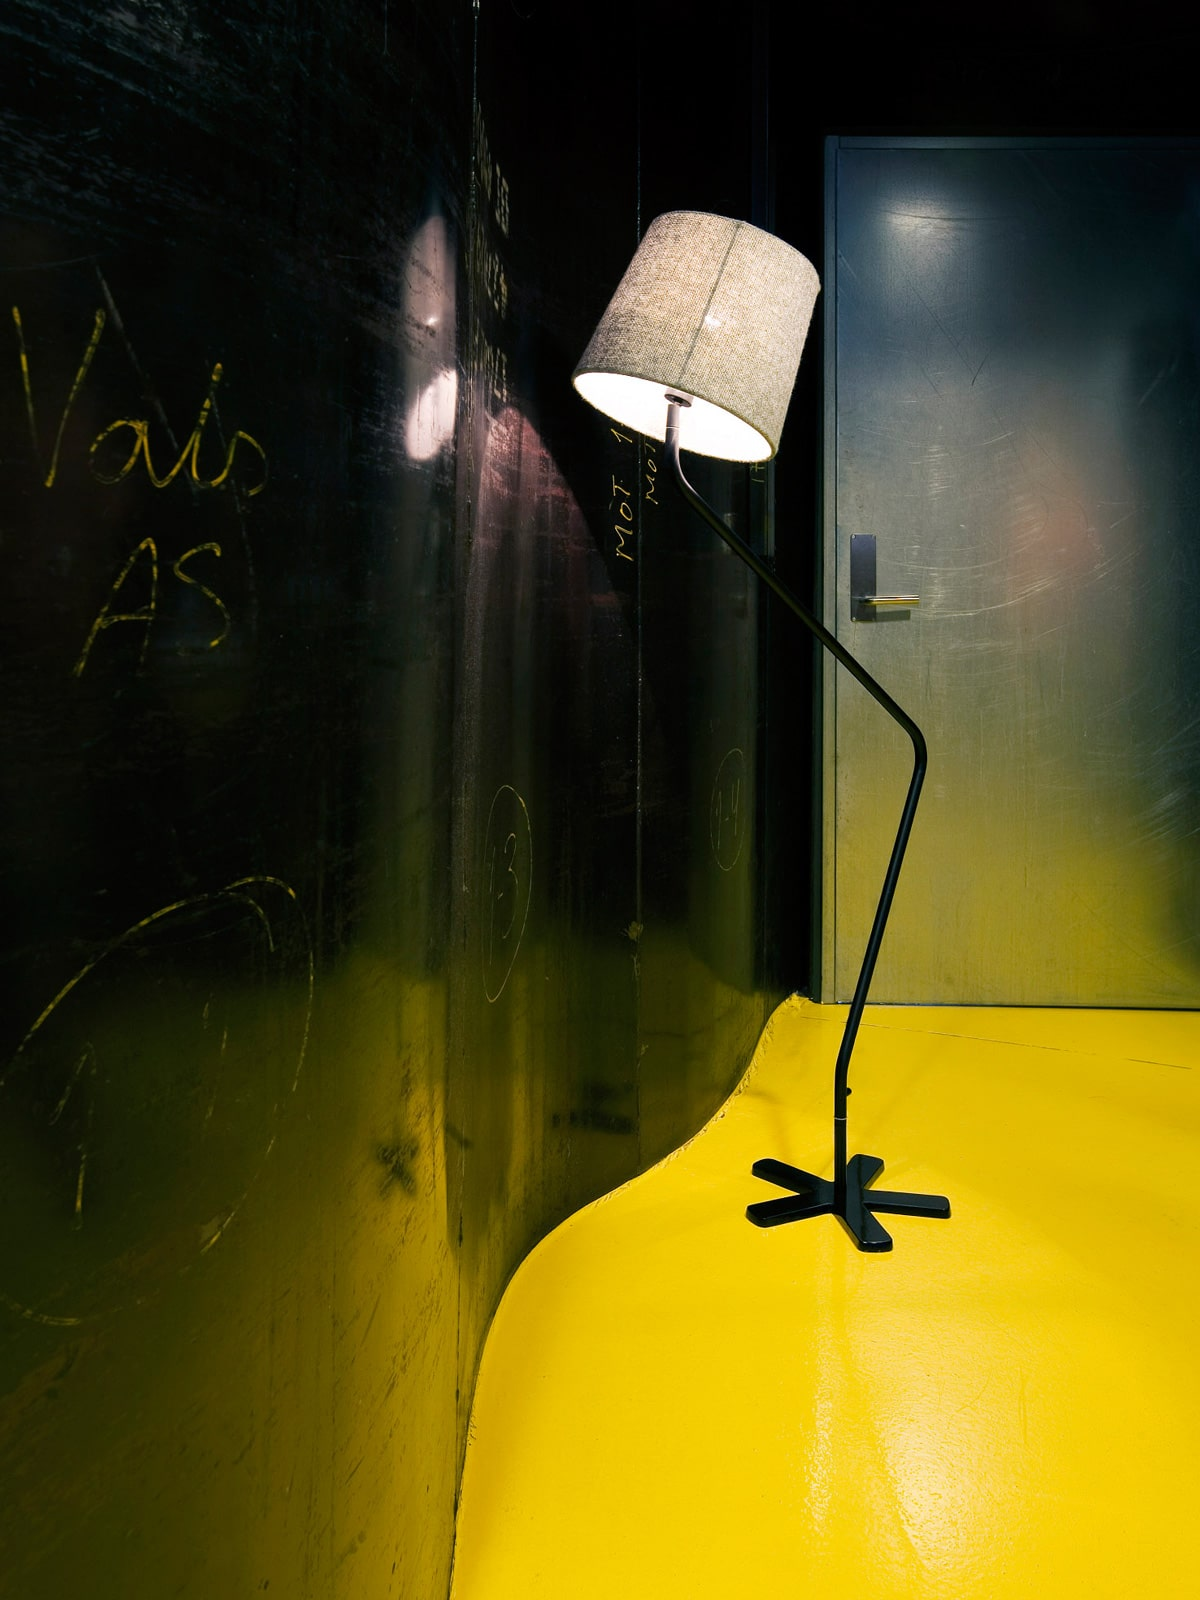 Lampe GROOGY mit Farbideen Schwarz und Gelb